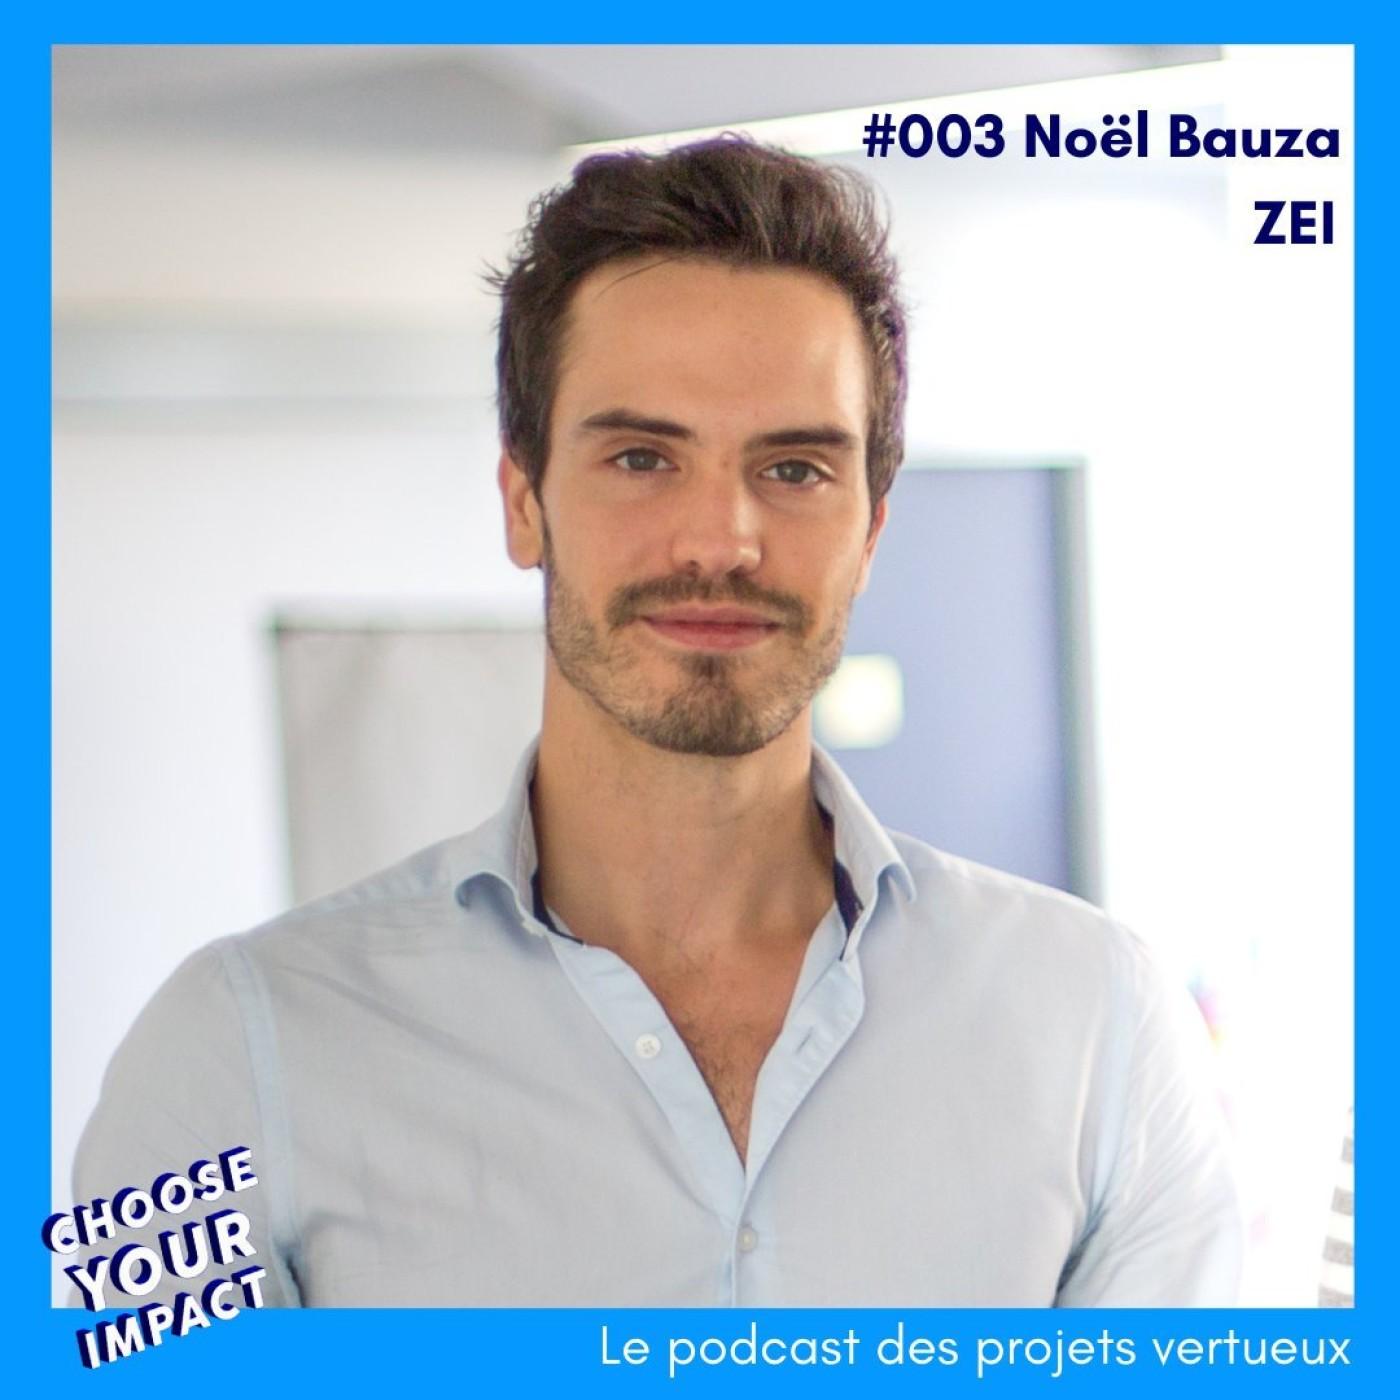 #003 Noel Bauza - ZEI ou comment comparer l'engagement des marques